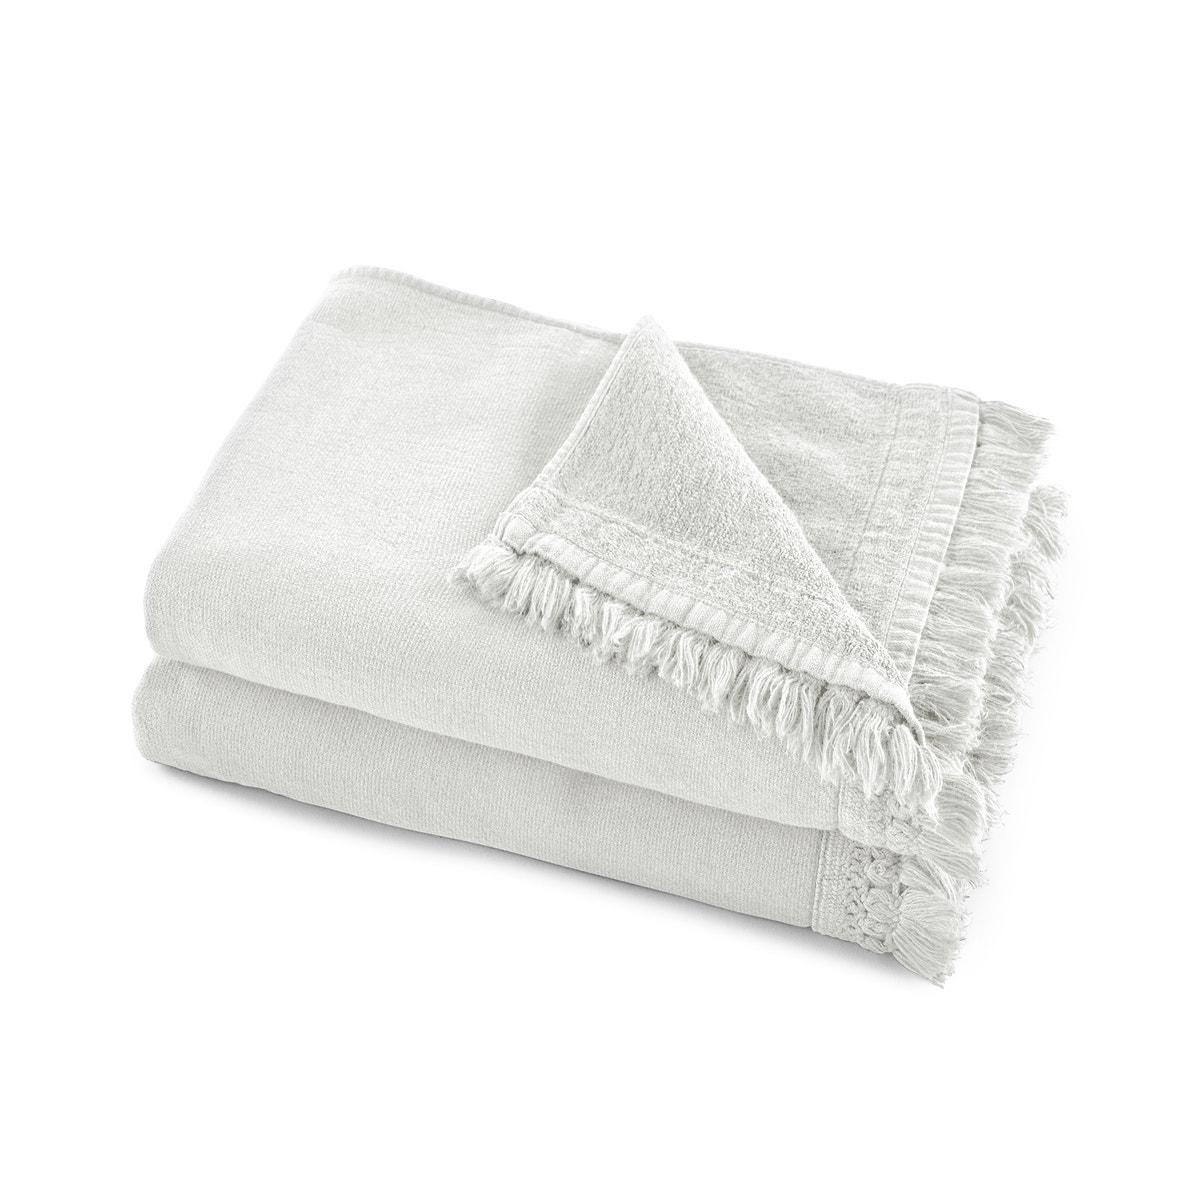 Lote de 2 toallas de lavabo de algodón/lino Kiramy